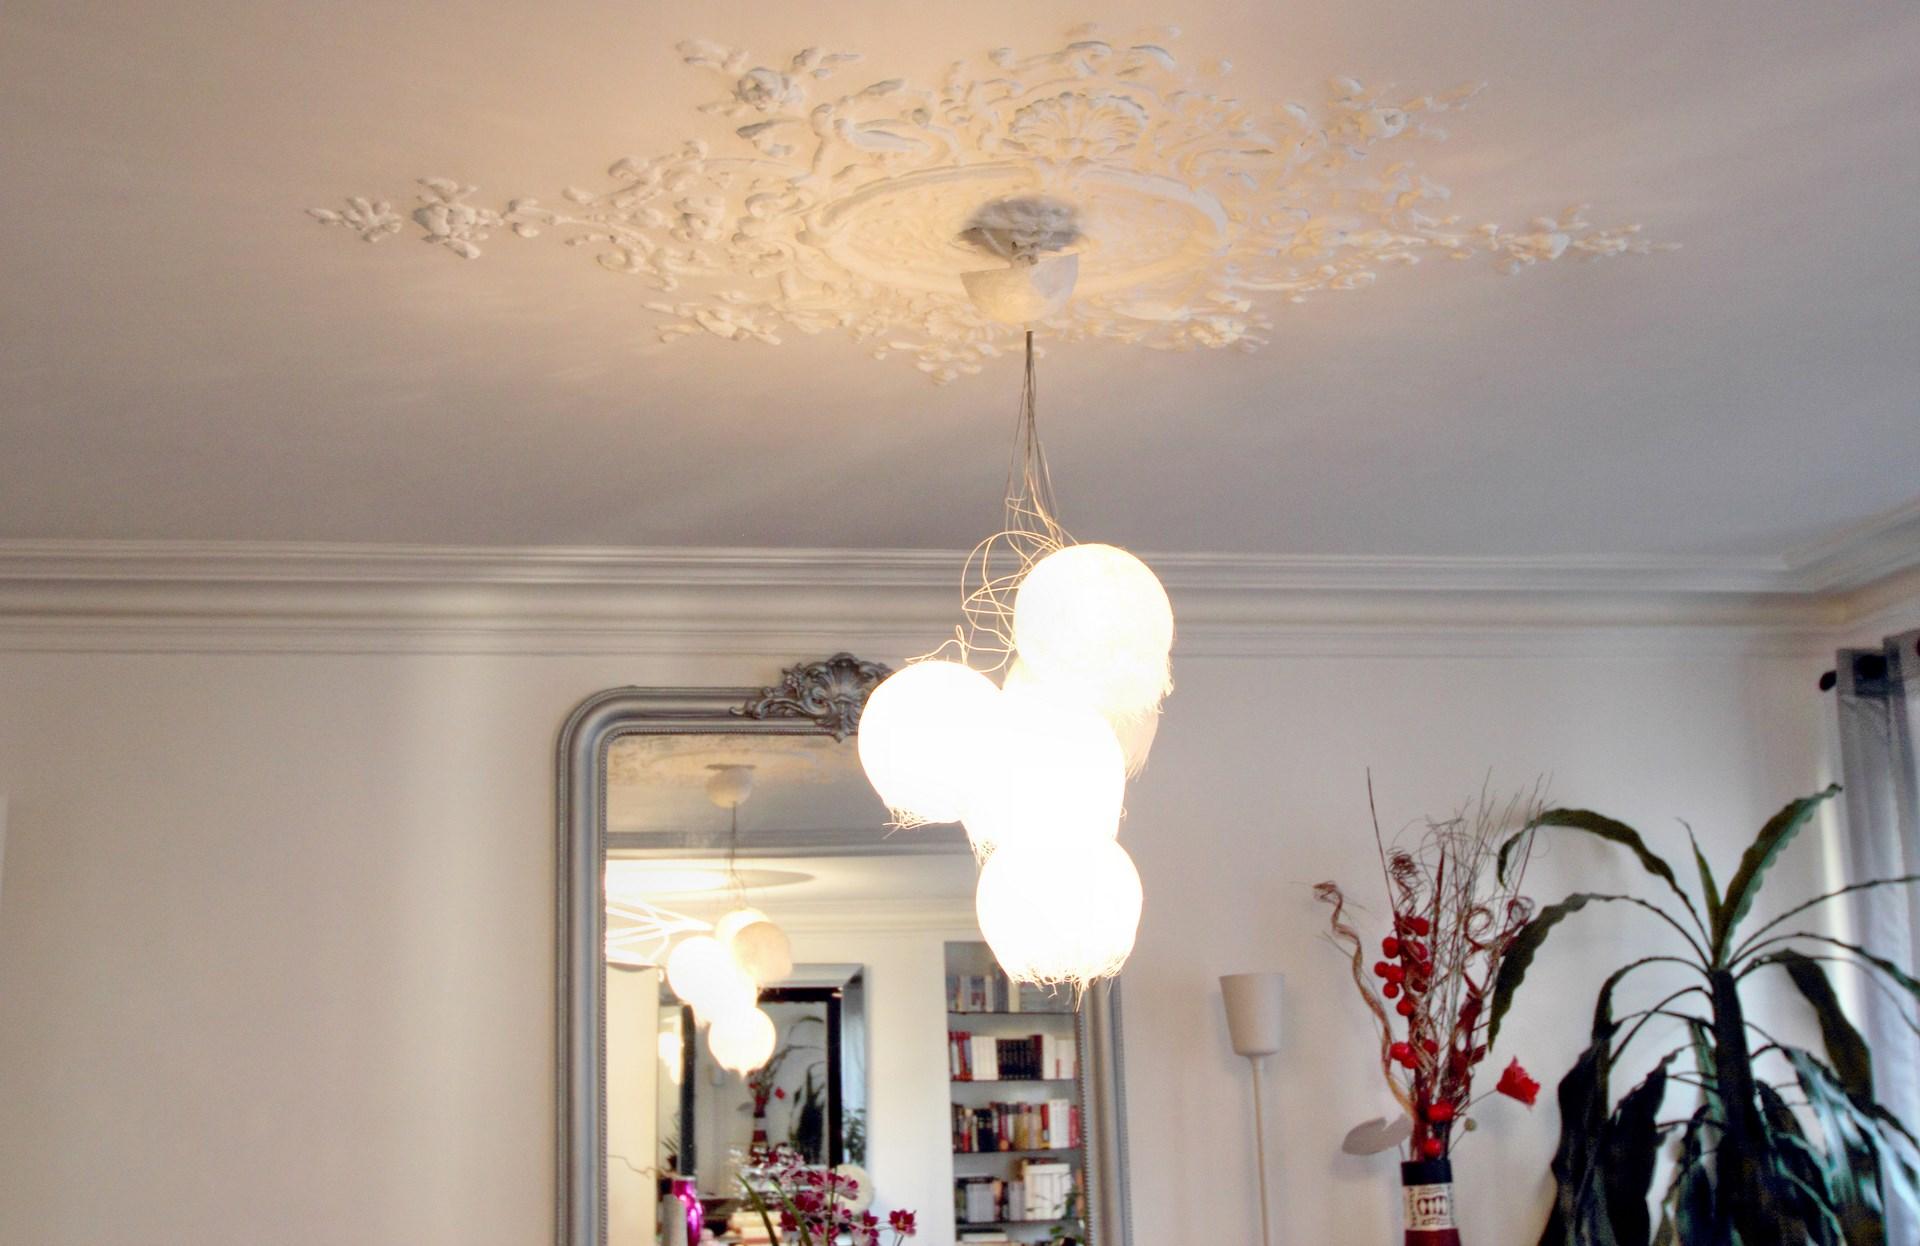 architecte paris republique renovation decoration agence avous